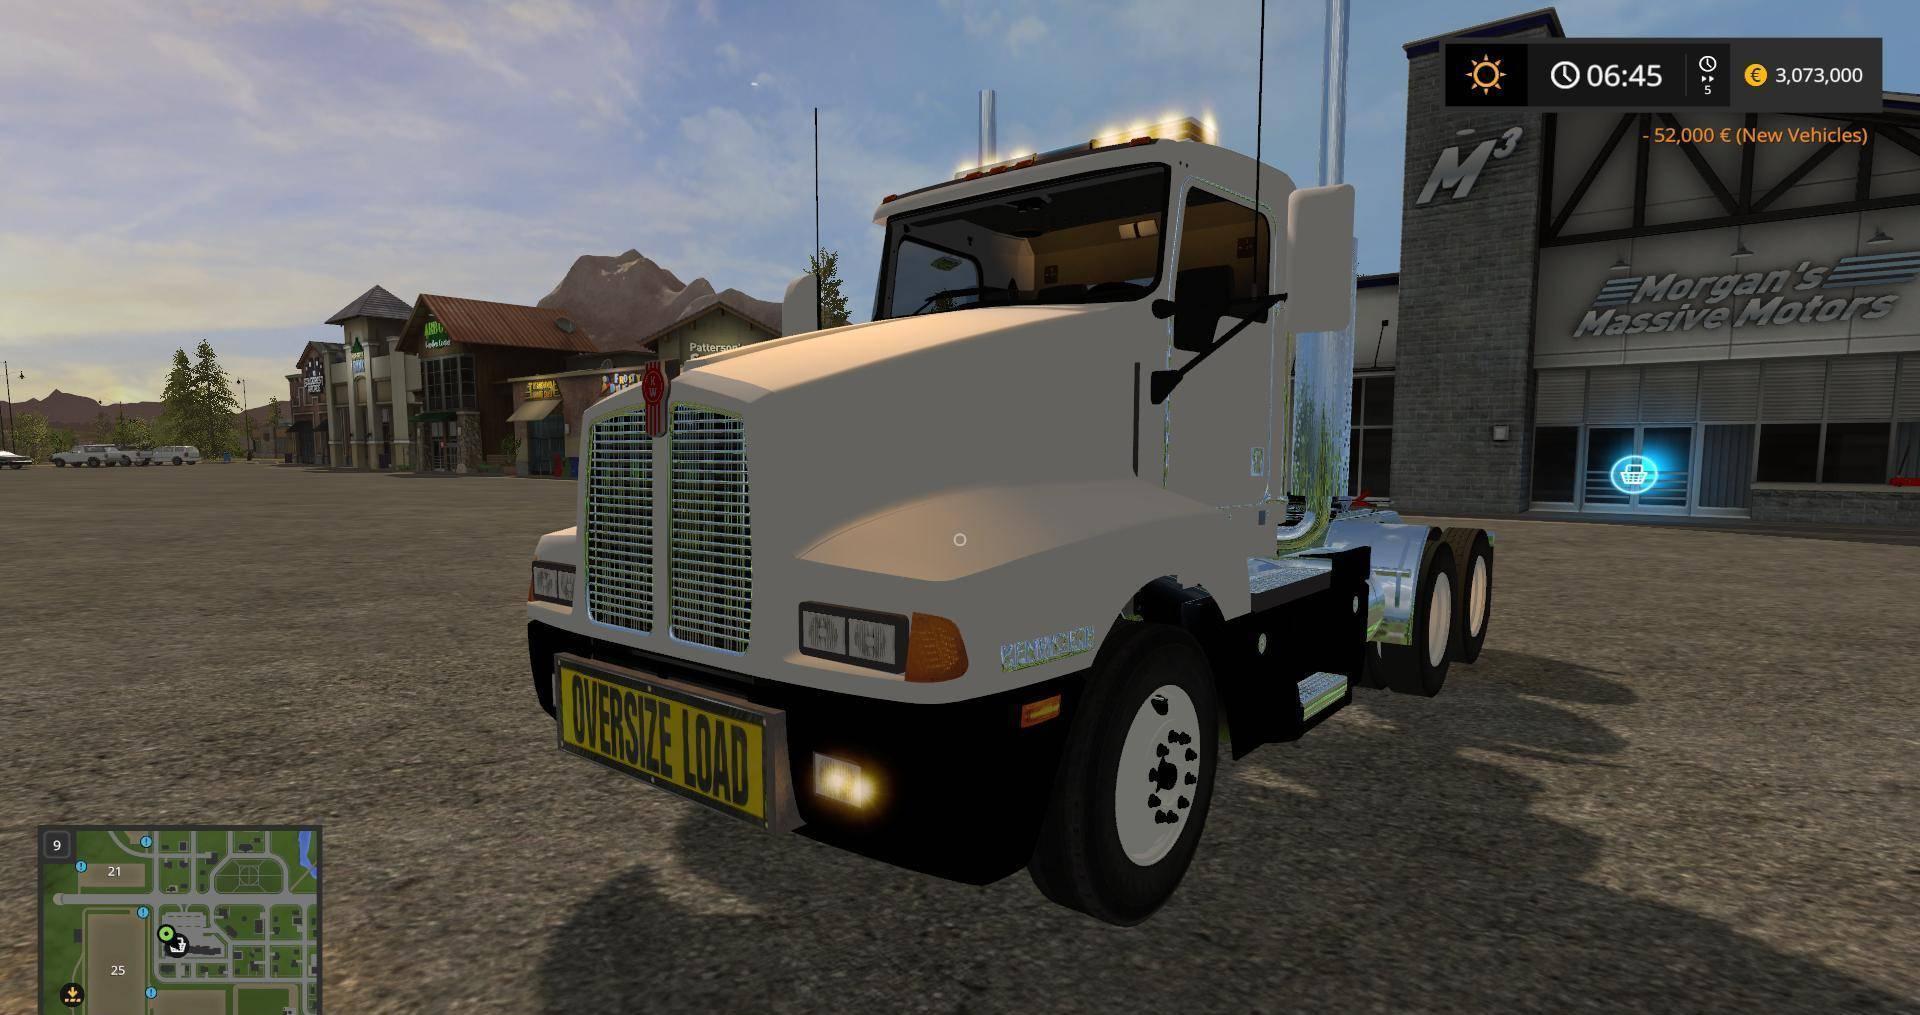 KW T OVERSIZE LOAD AND LED LIGHTS v2 FS Farming Simulator